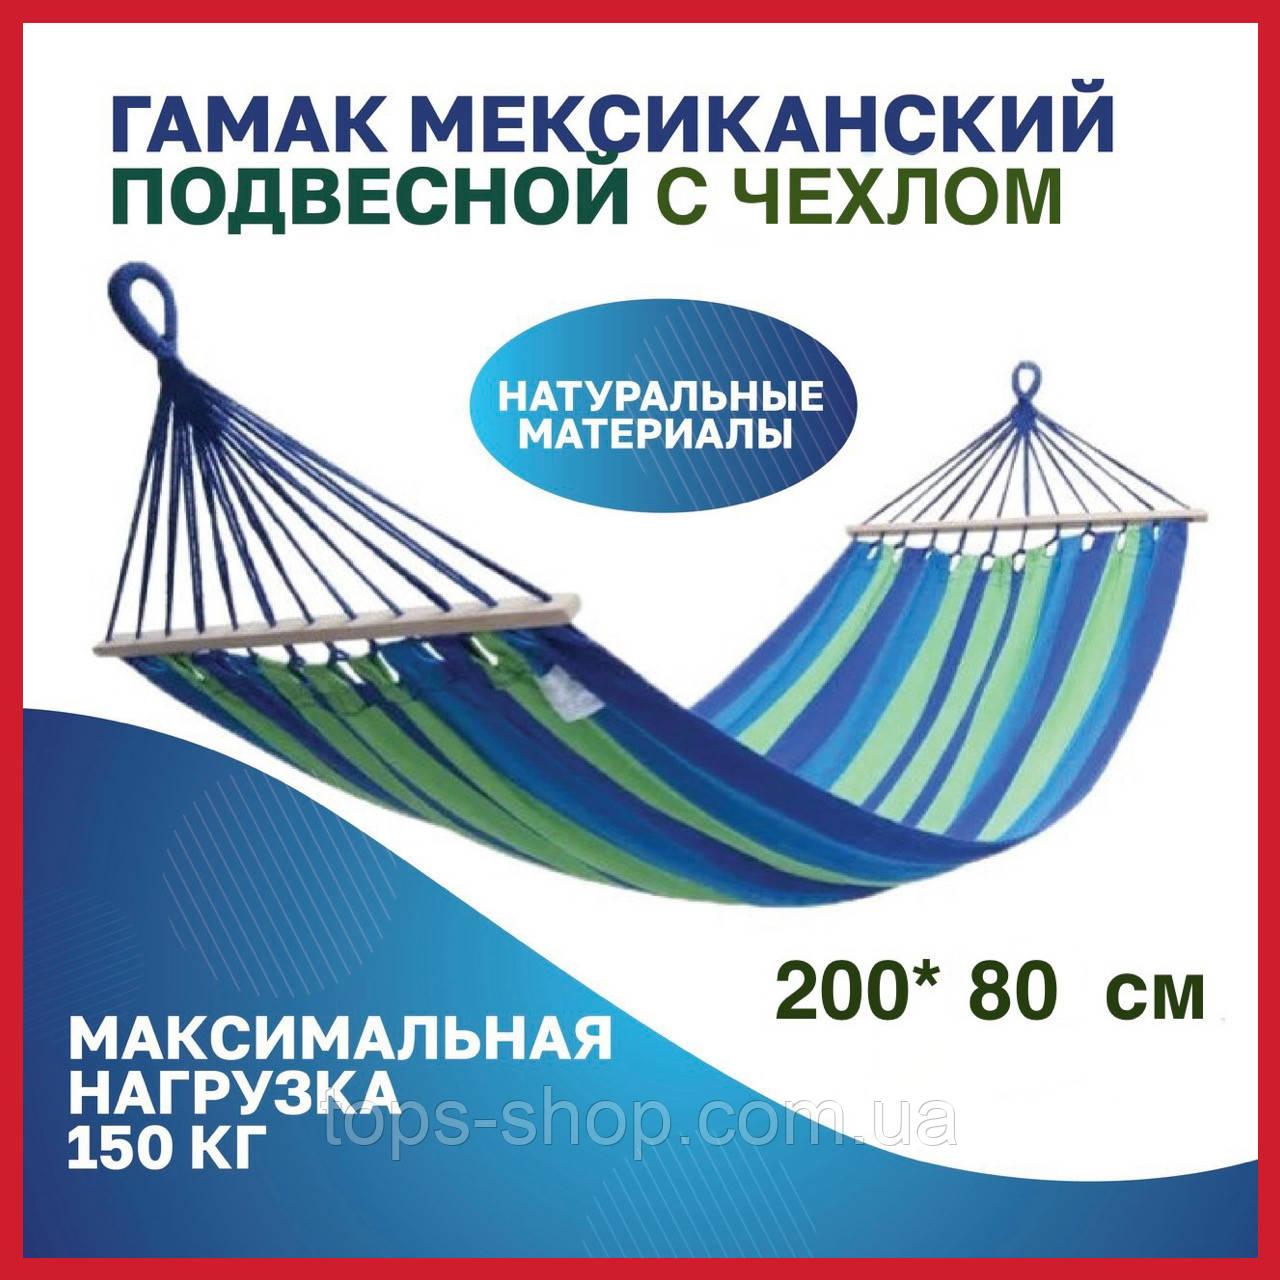 Гамак з великою дерев'яною планкою тканина бавовна для дачі саду відпочинку планка 80 см полотно 200х80 см Синій